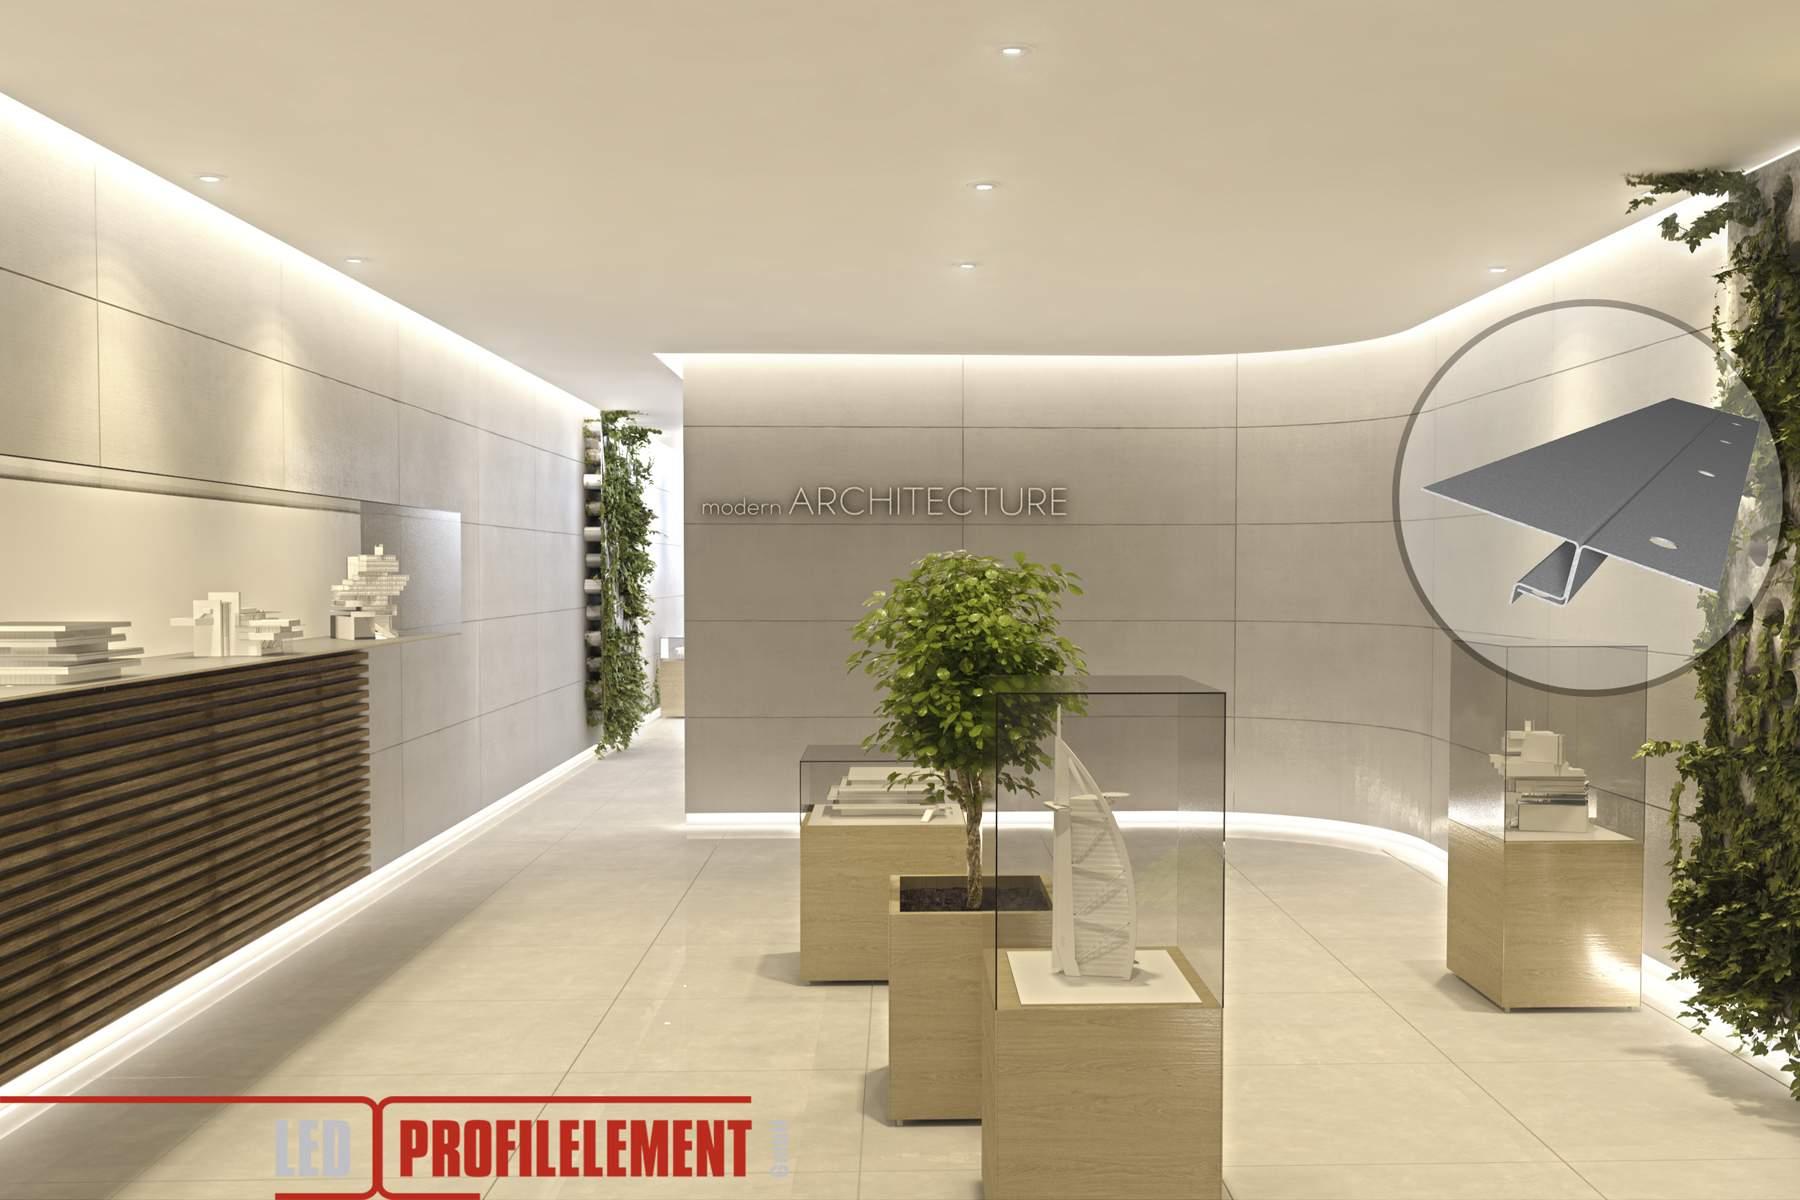 LED Putzprofil mit Sichtschenkel für direkten Anschluss an Bauteile